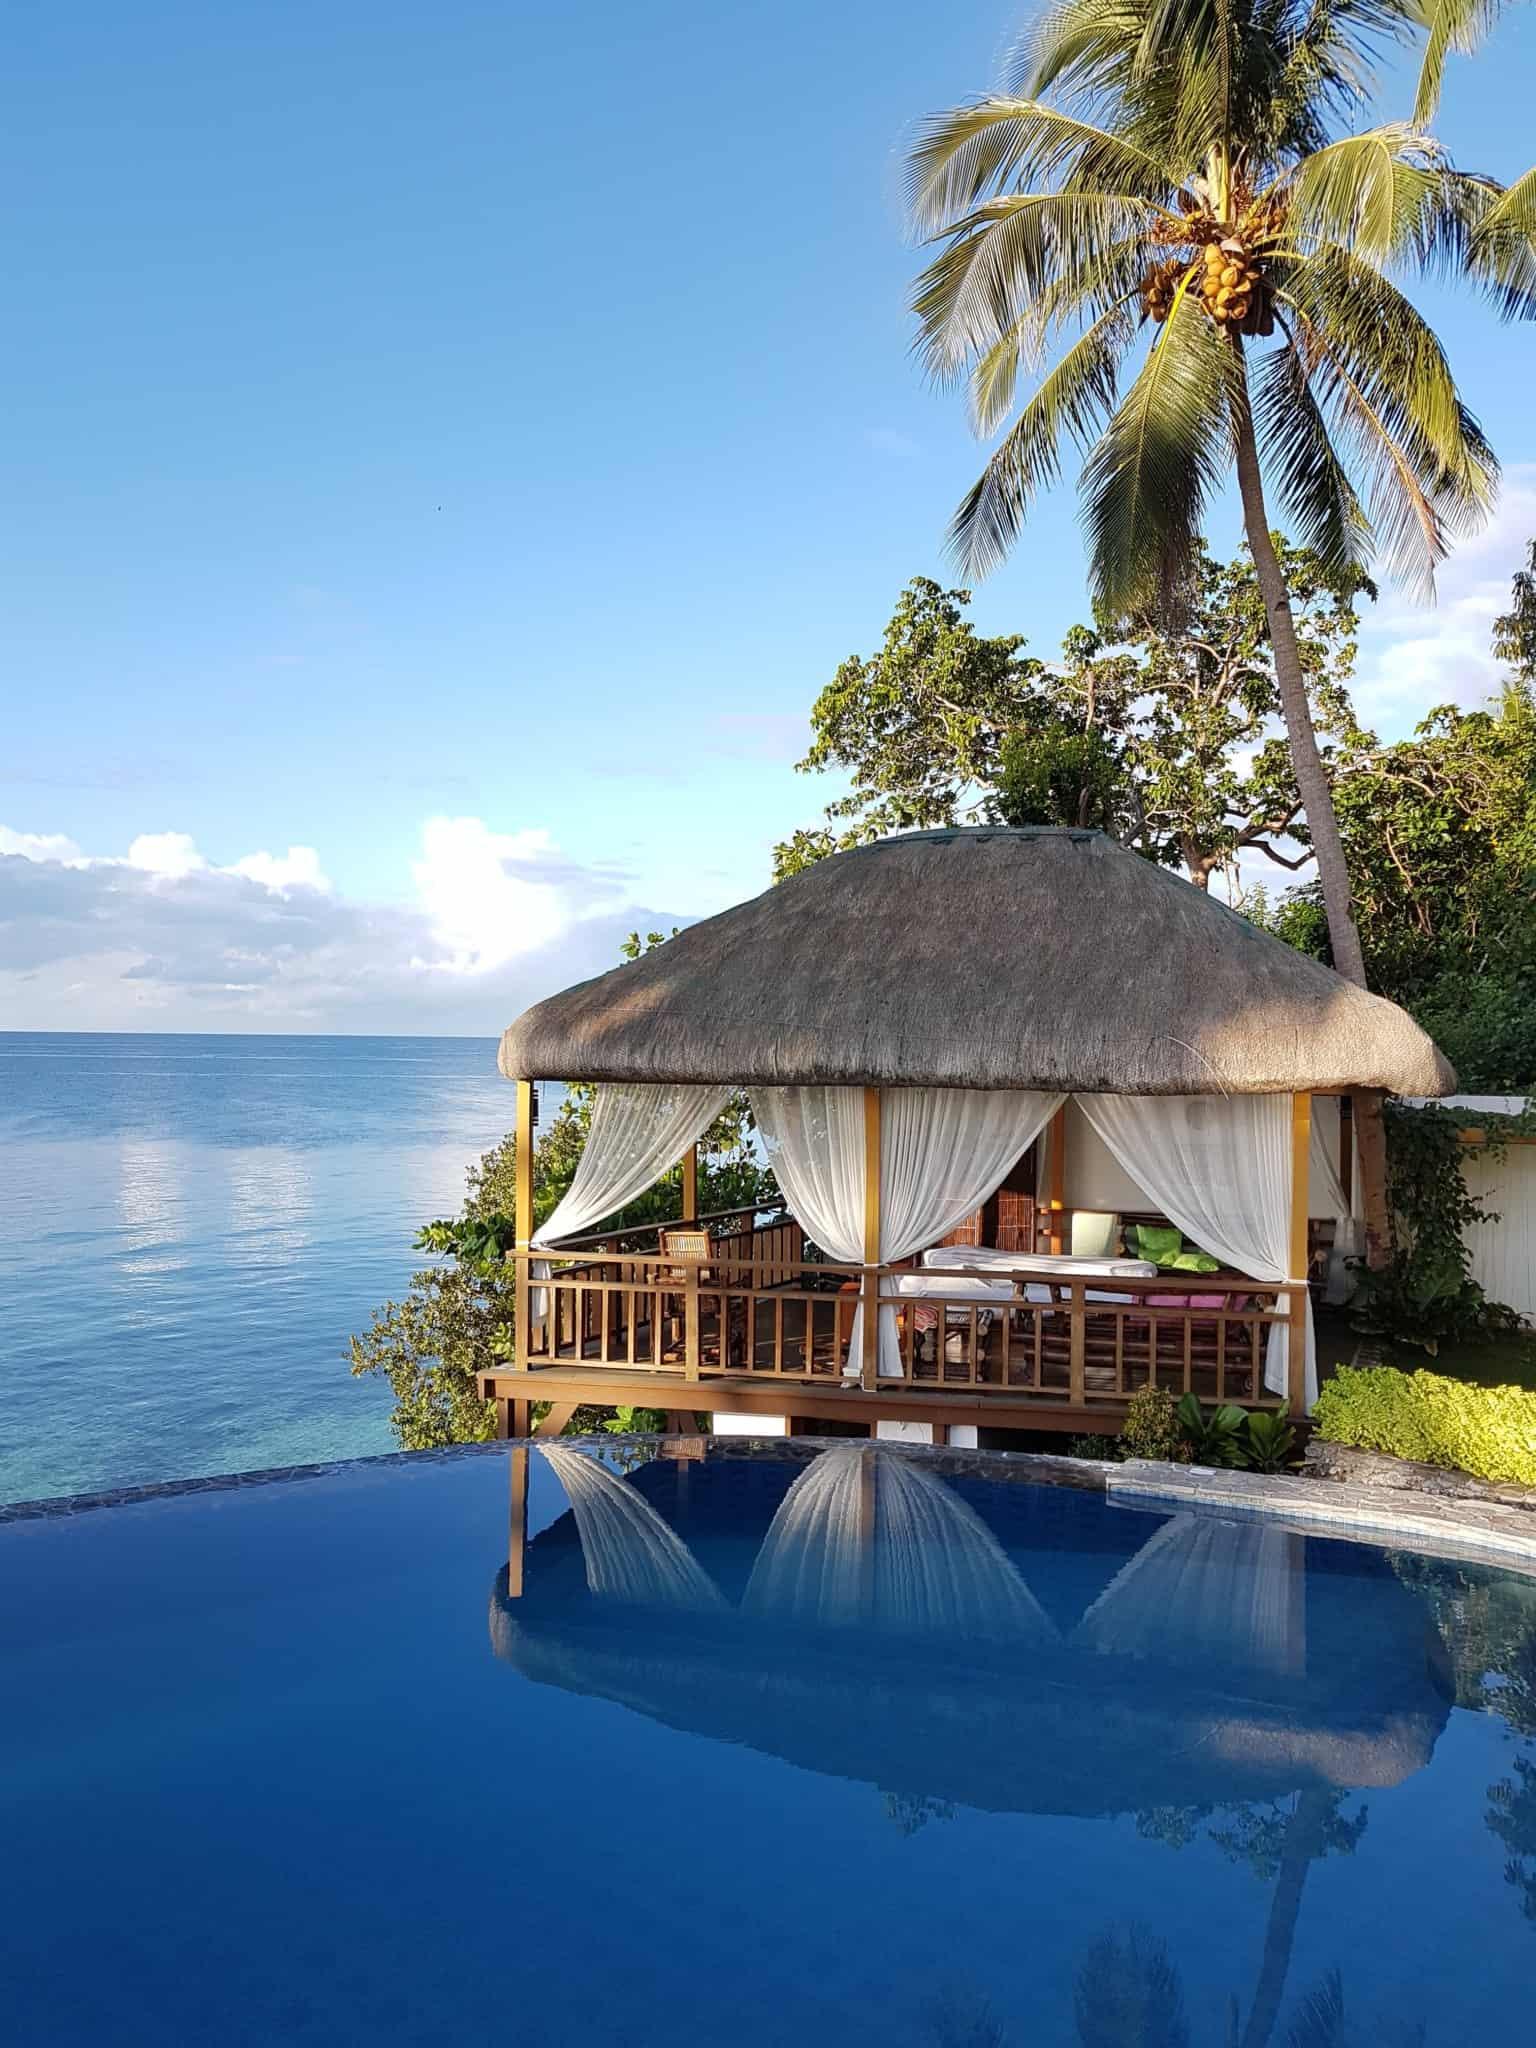 Philippines, un anniversaire romantique dans un hôtel de rêve 🧡 8